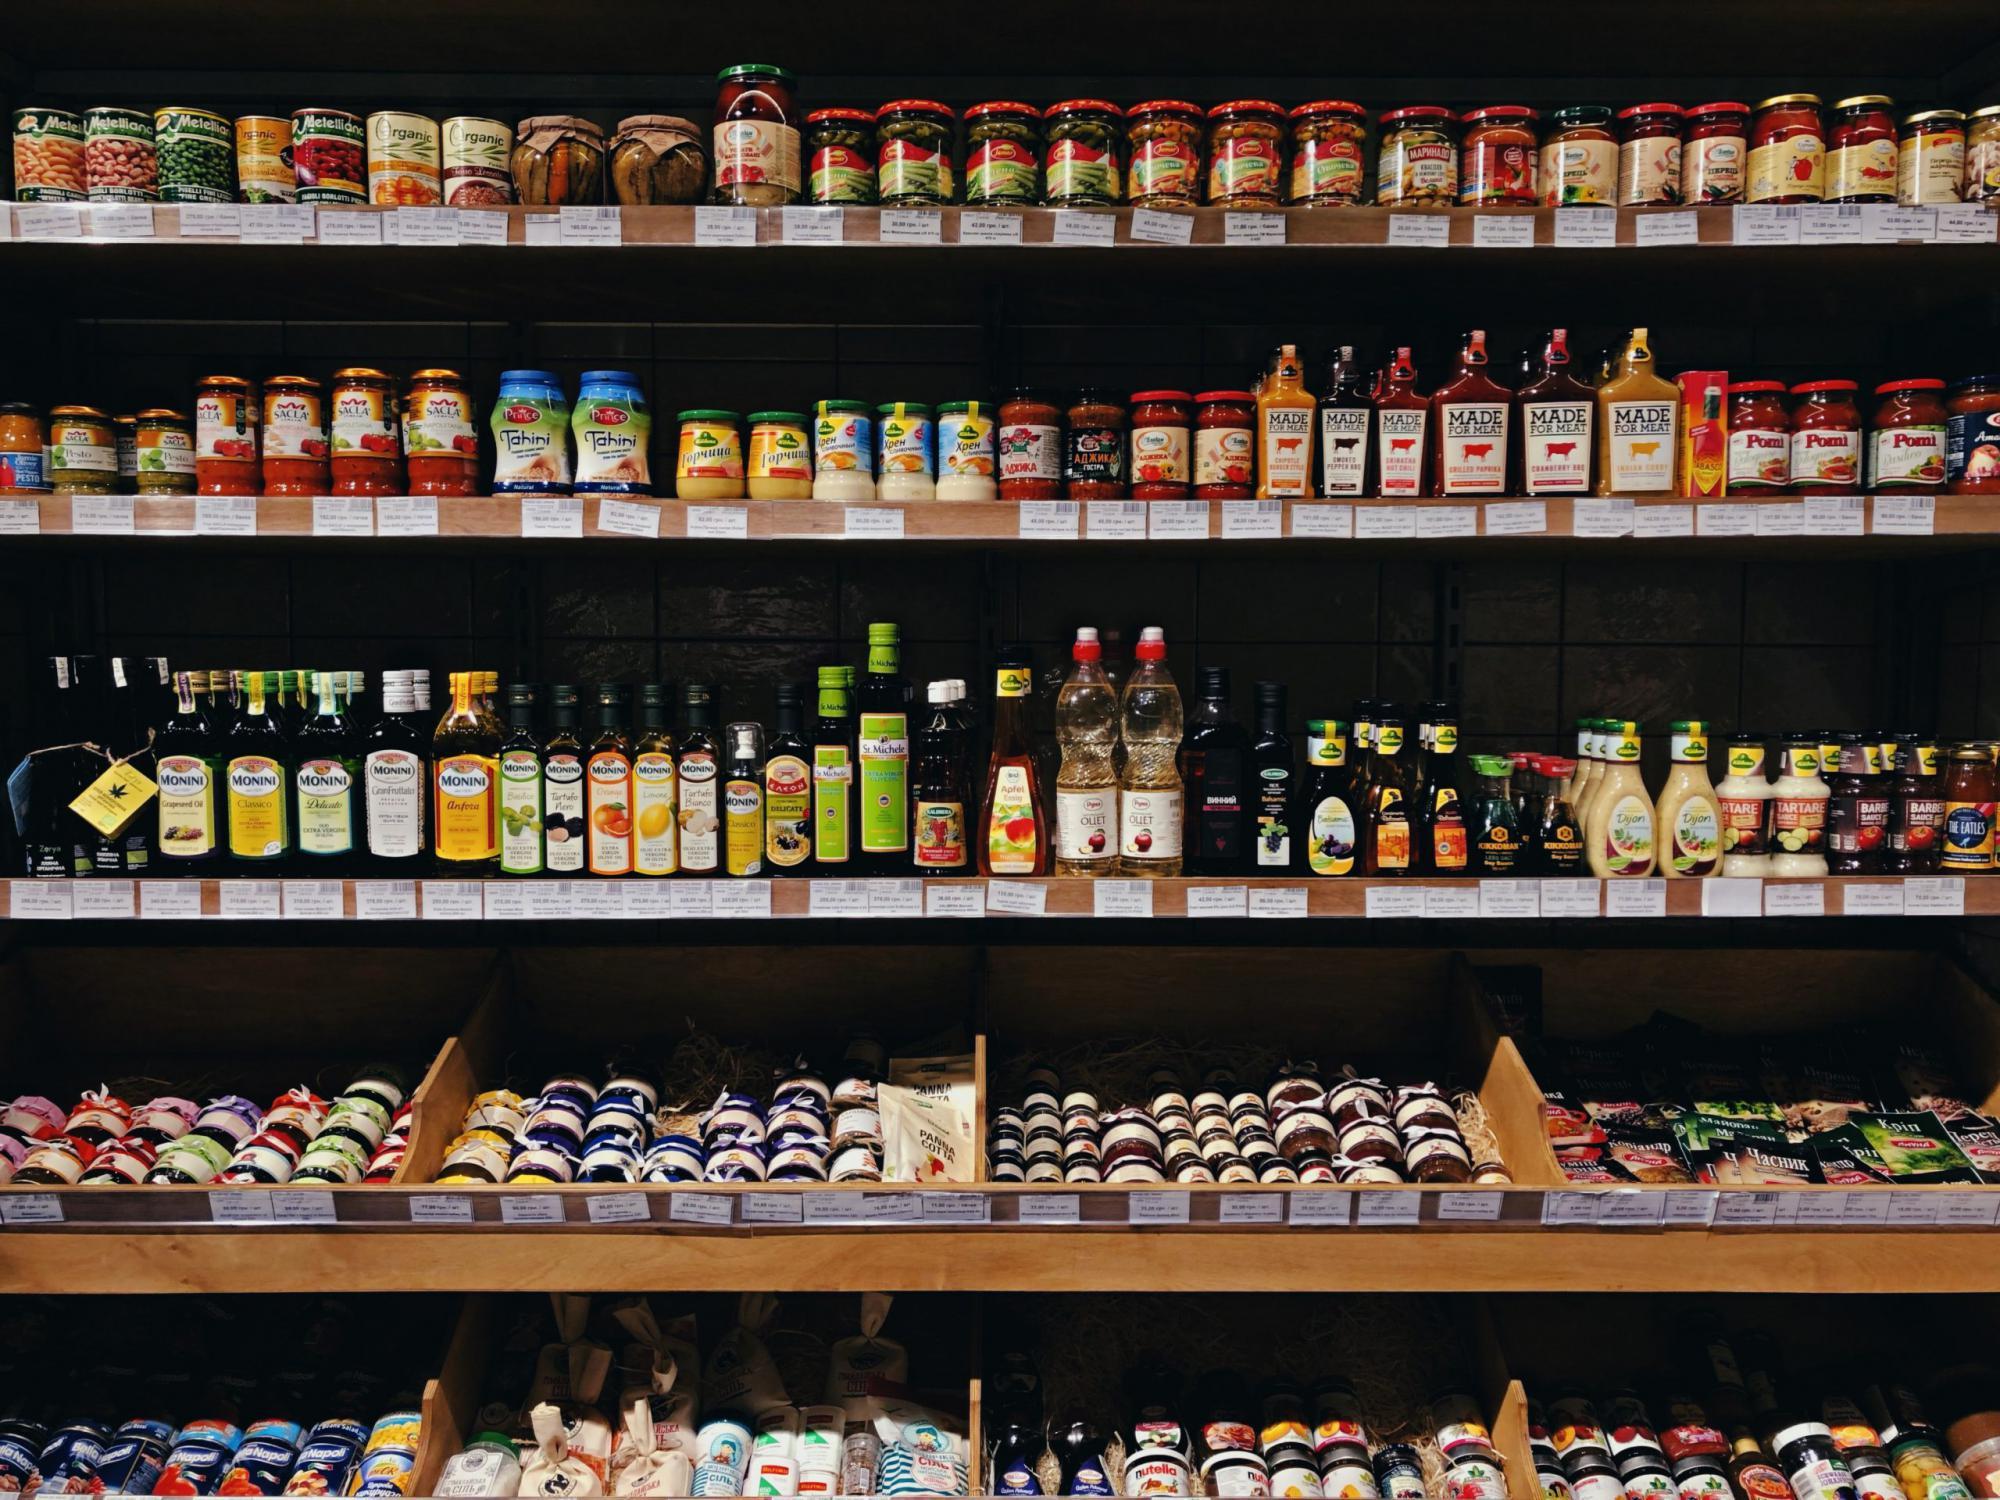 商品棚に陳列された様々な食品